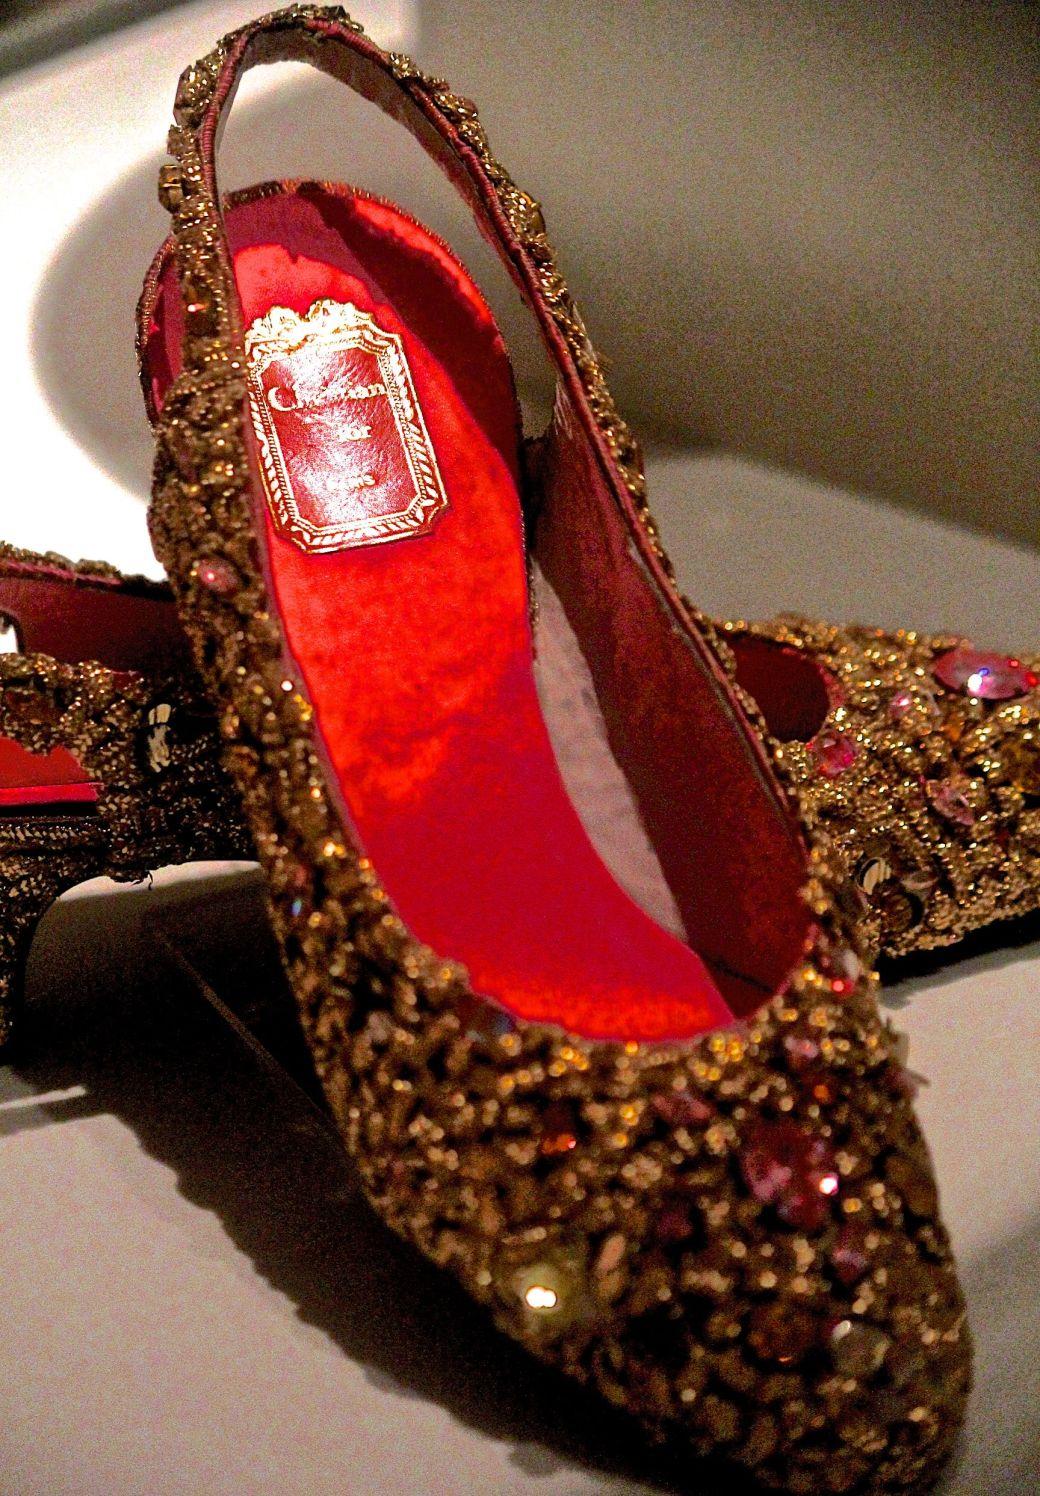 salem-peabody-essex-shoe-exhibit-14